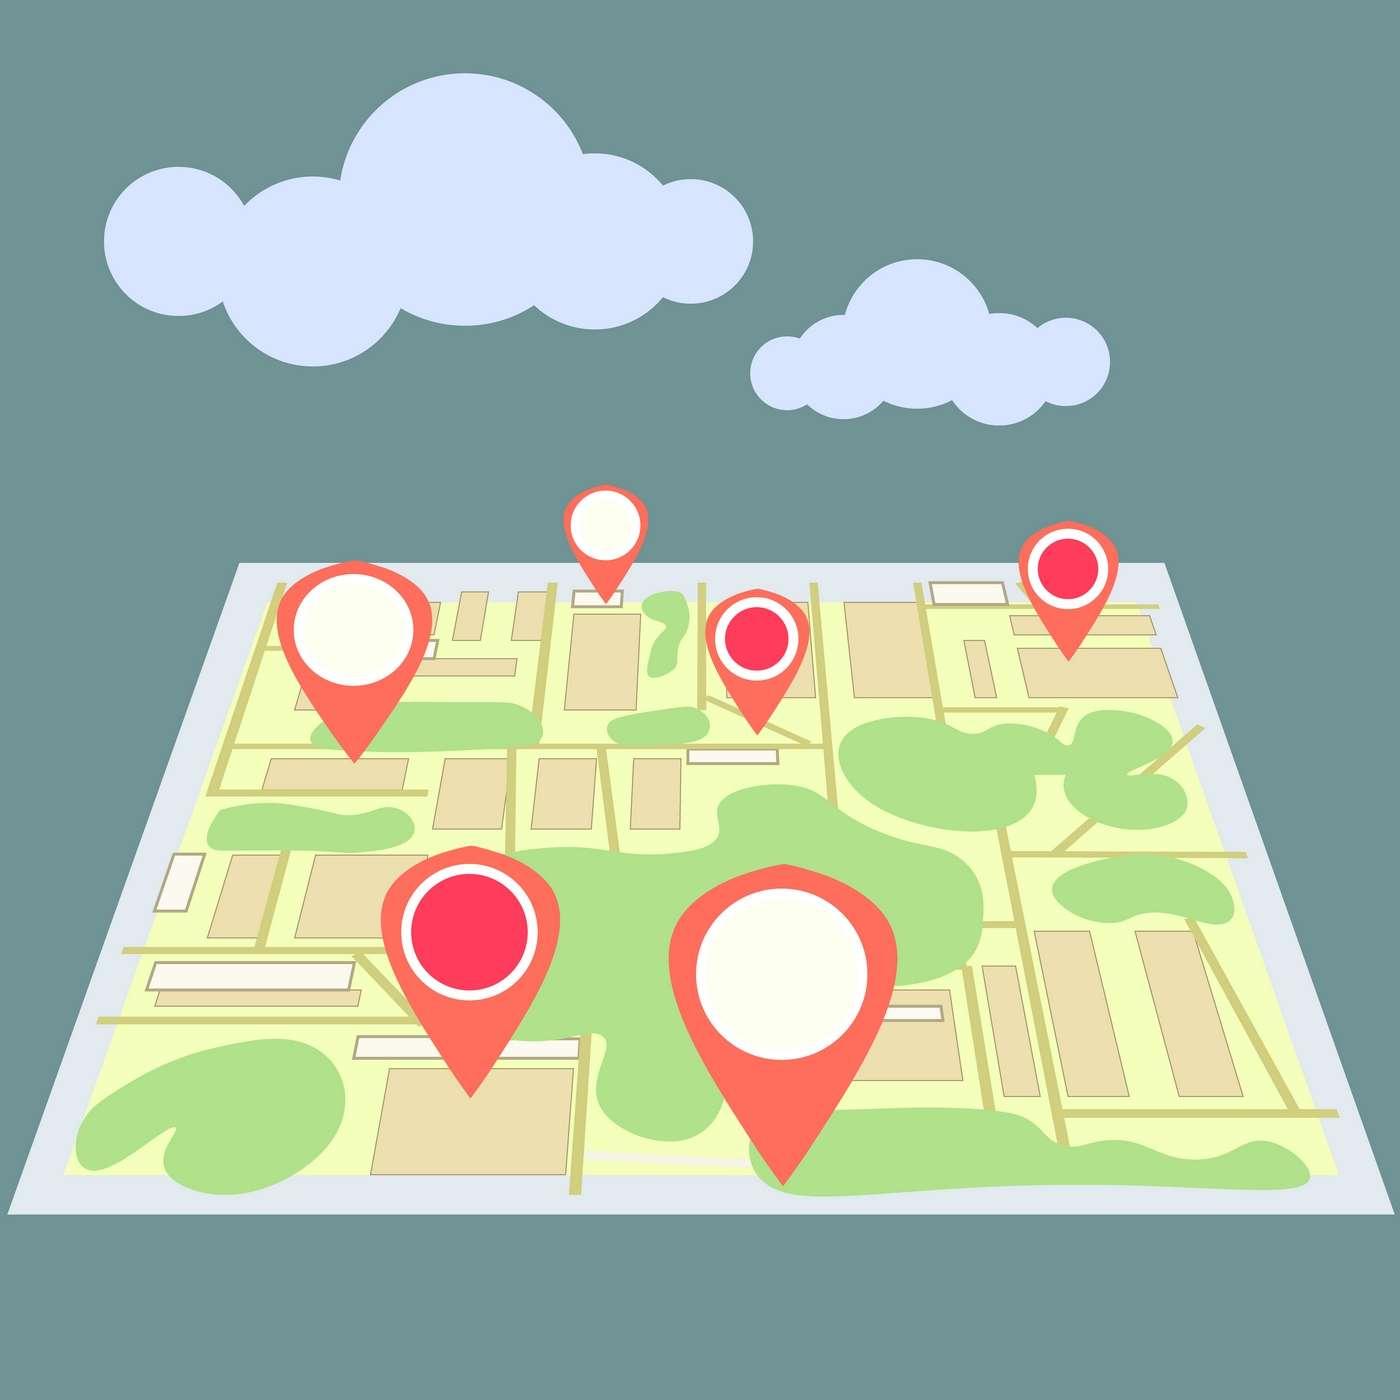 Les principaux navigateurs Internet permettent de bloquer la géolocalisation de l'internaute à destination des sites Web. © Matrioshka, Shutterstock